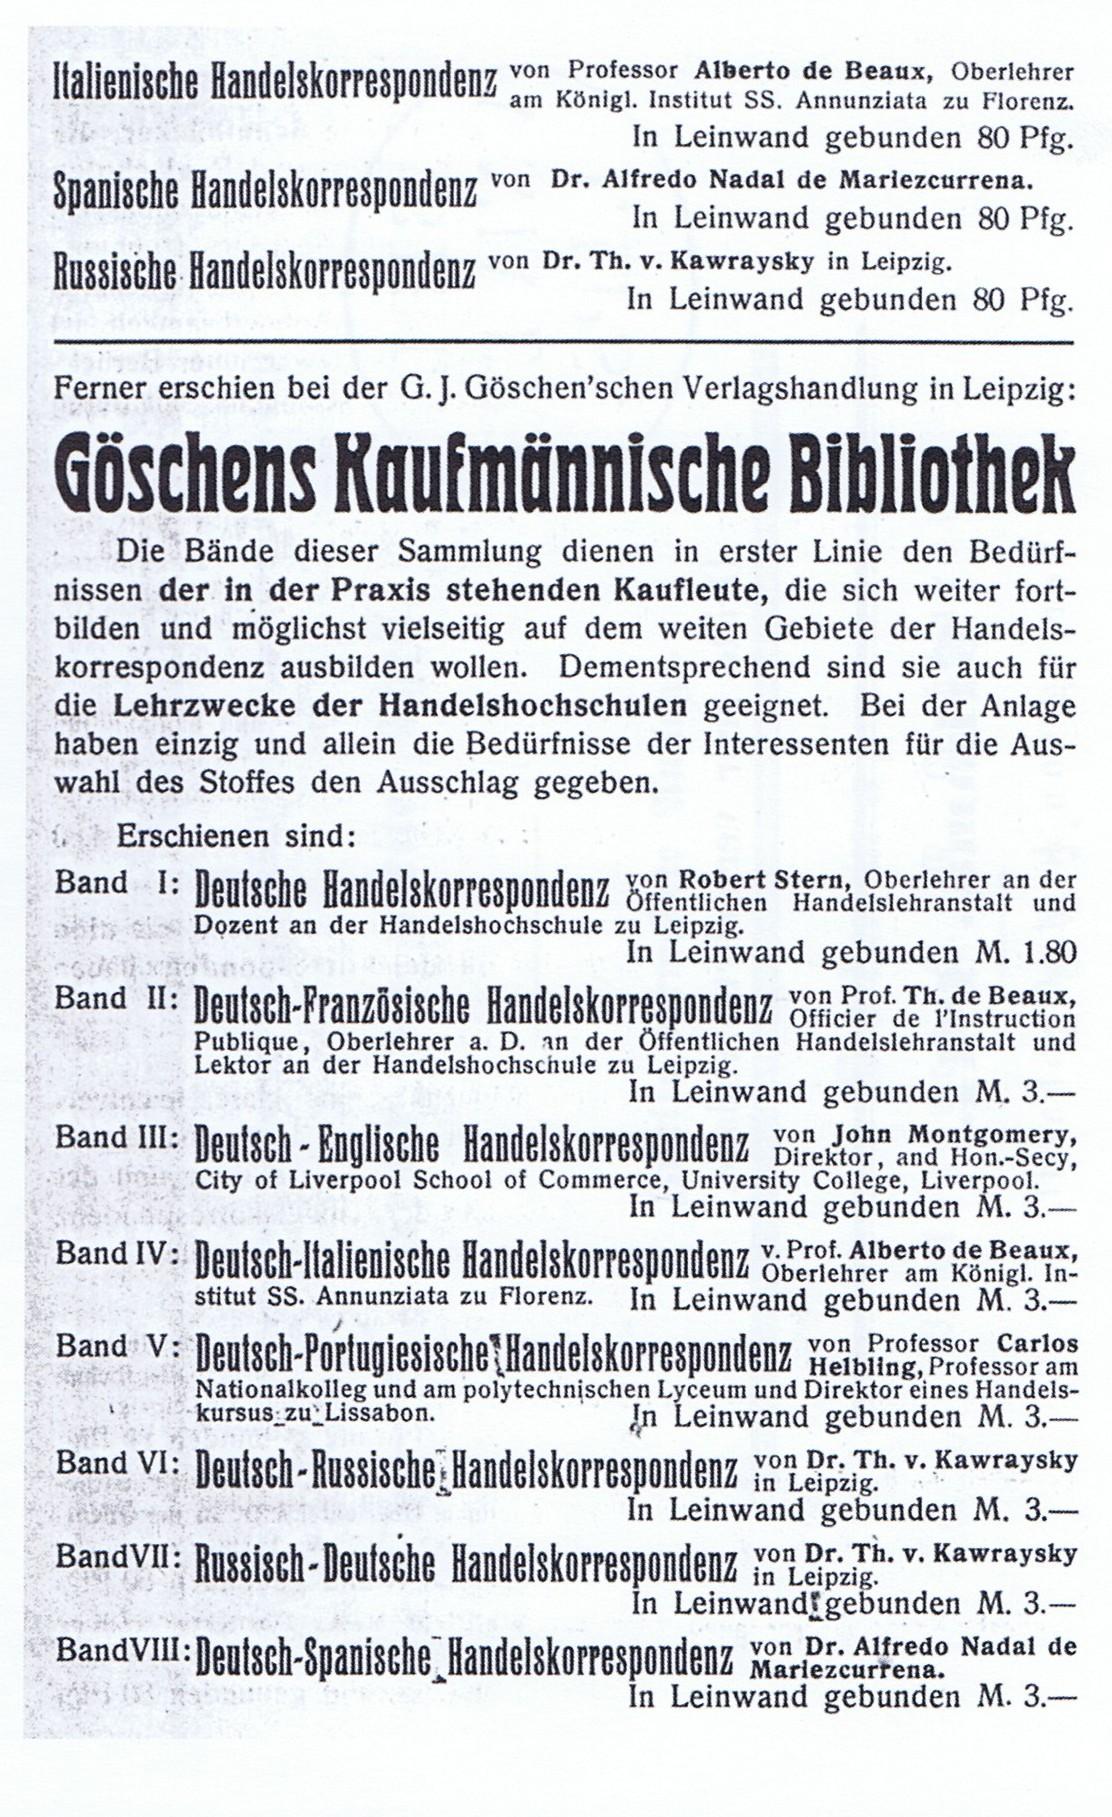 Schön Große Cfo Setzt Fort Zeitgenössisch - Entry Level Resume ...